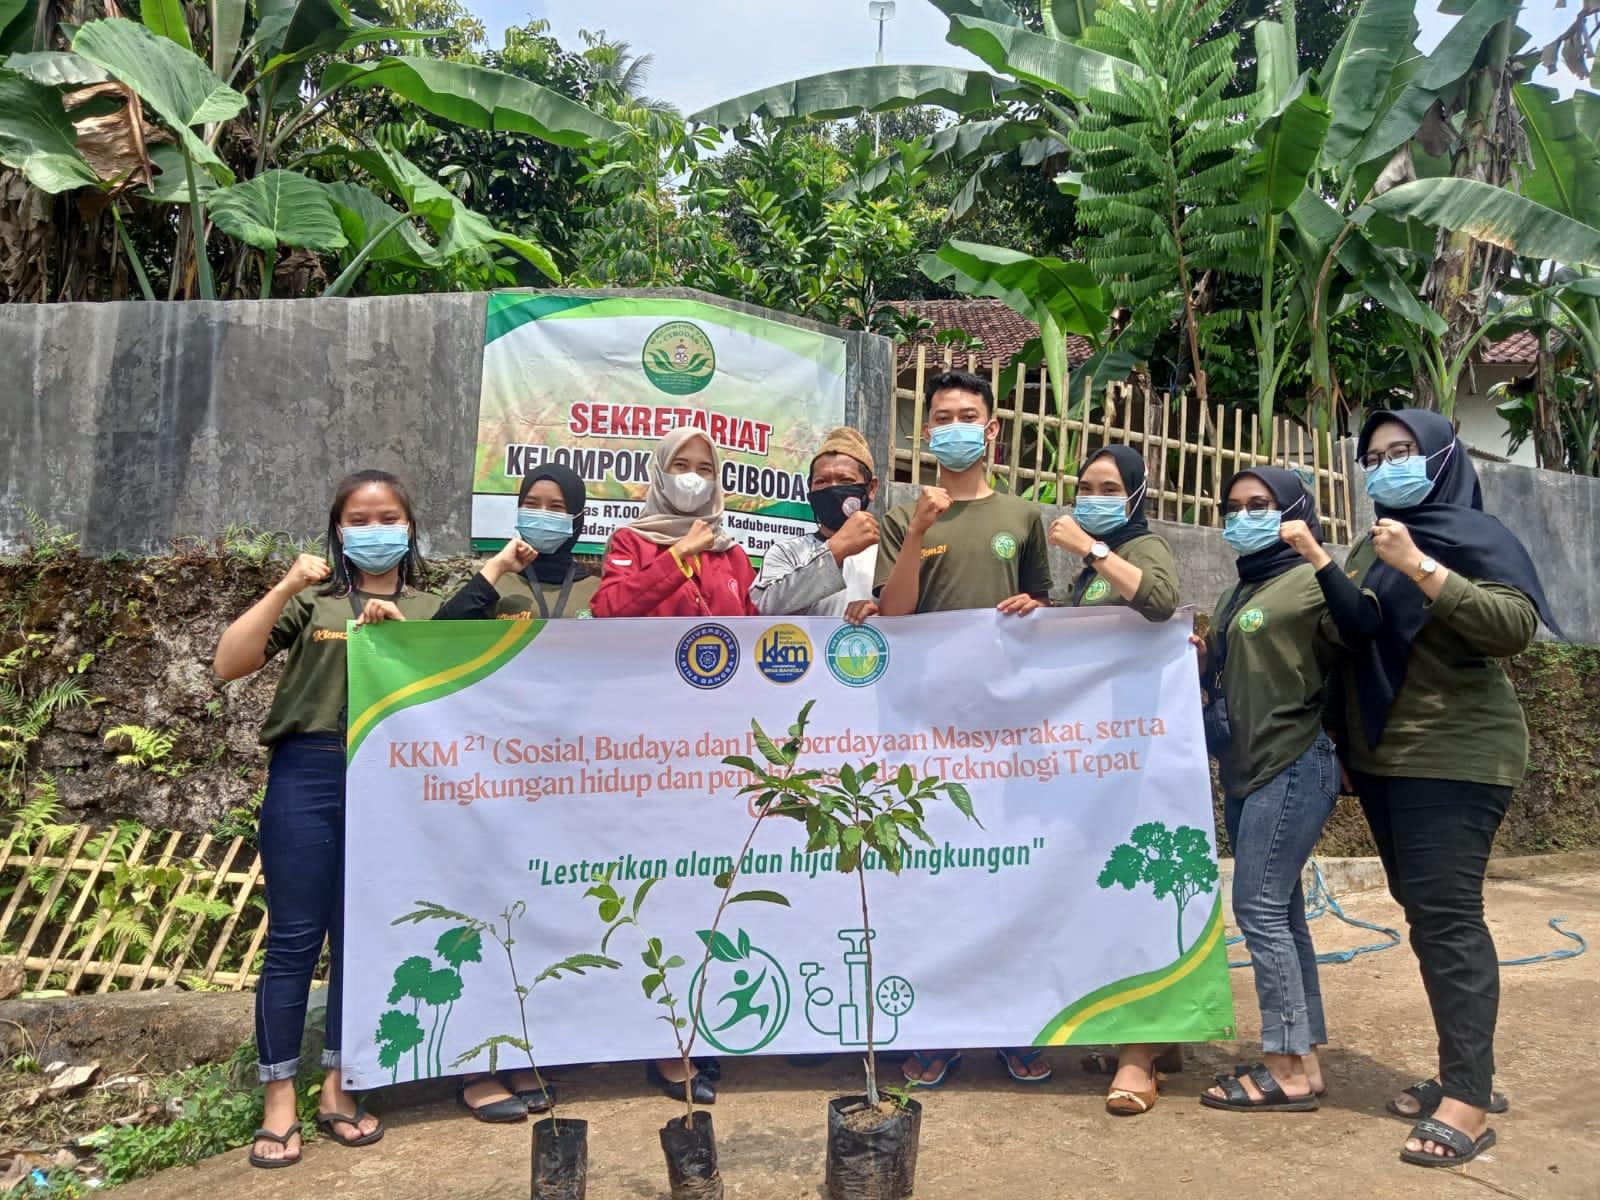 Gambar KKM 21 UNIBA Buat Pompa Hidram dan Memberikan Bibit untuk Kelompok Tani Desa 3